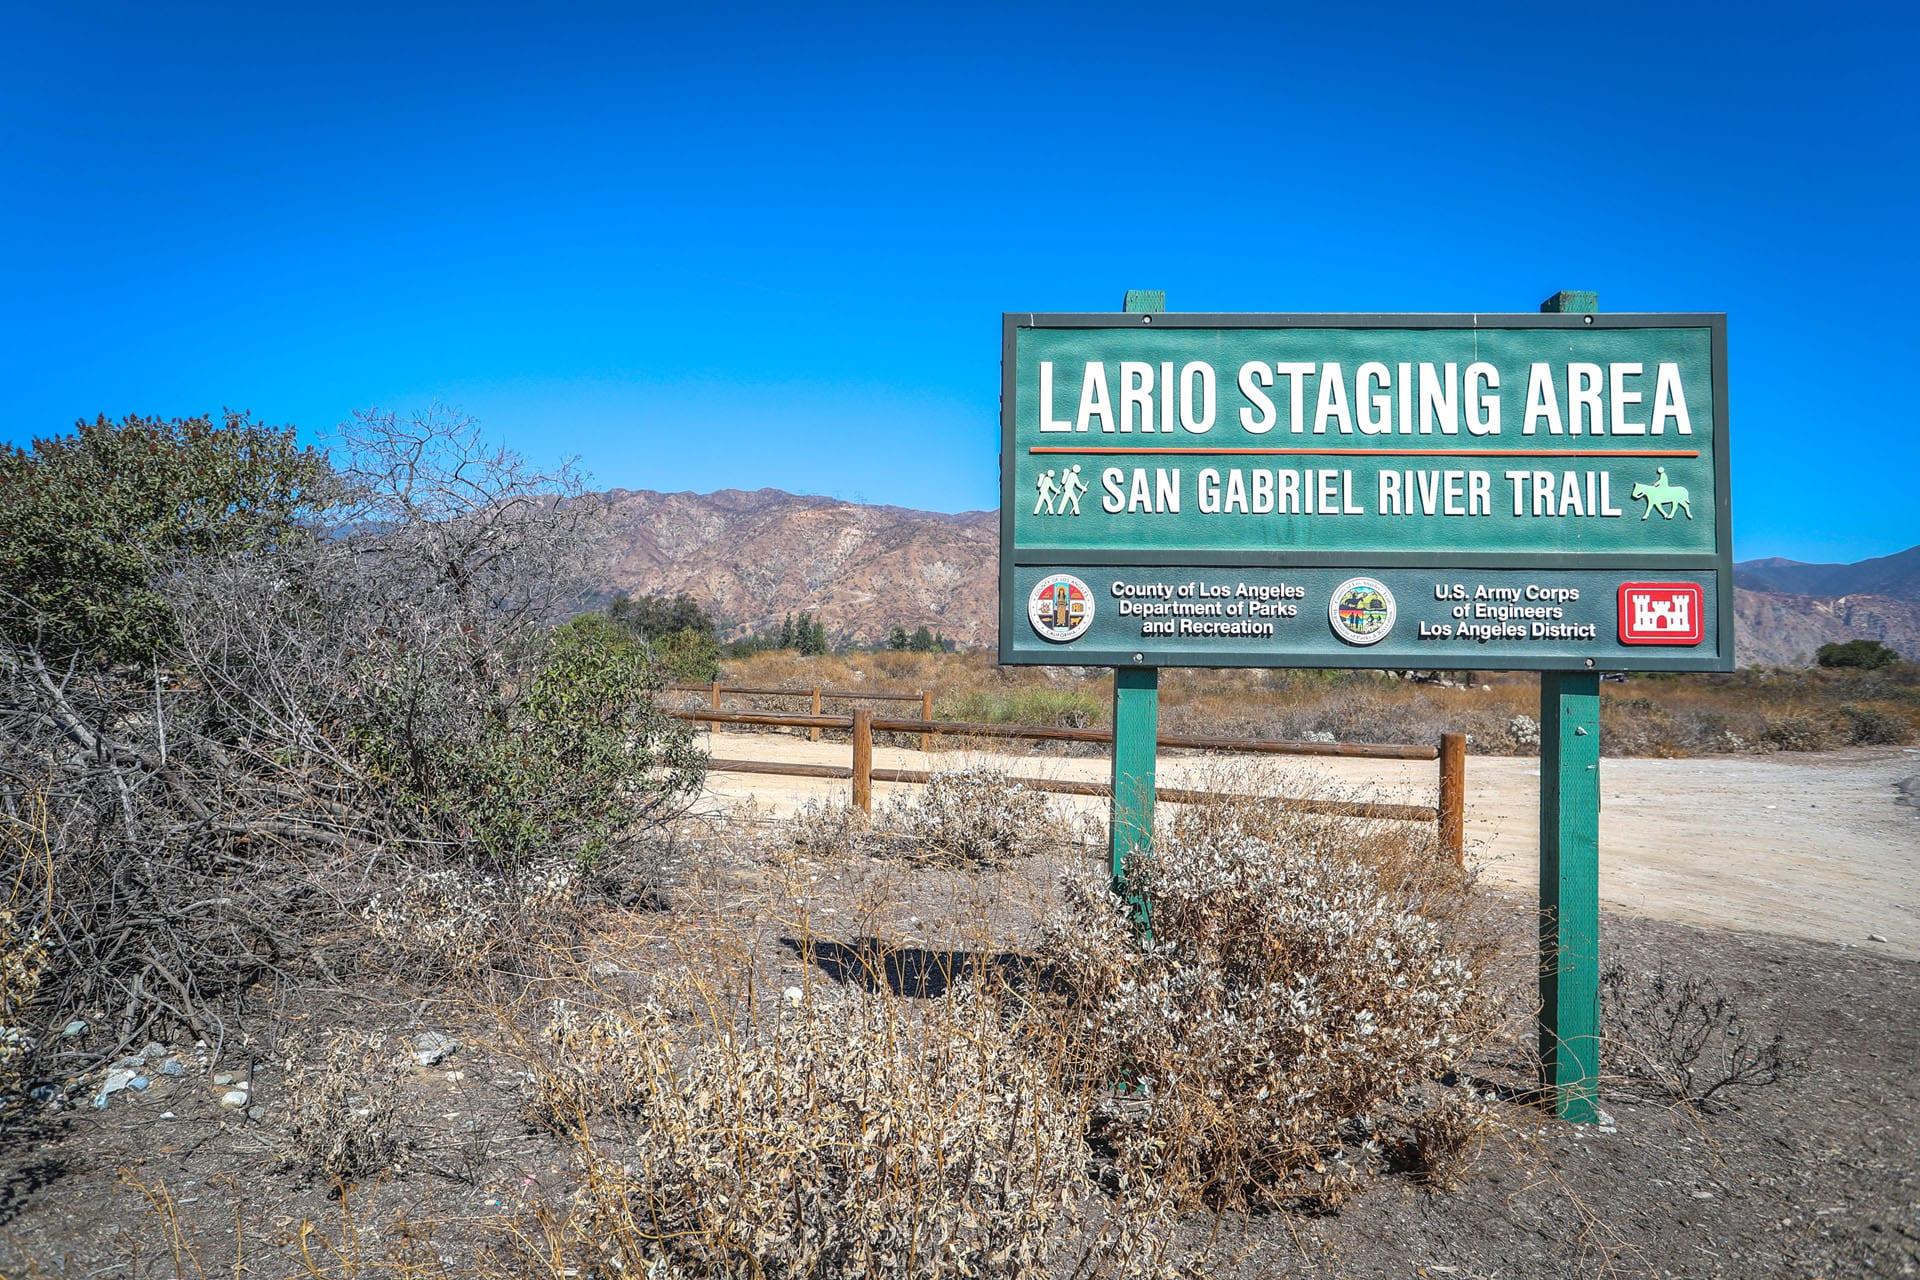 Lario Staging Area sign